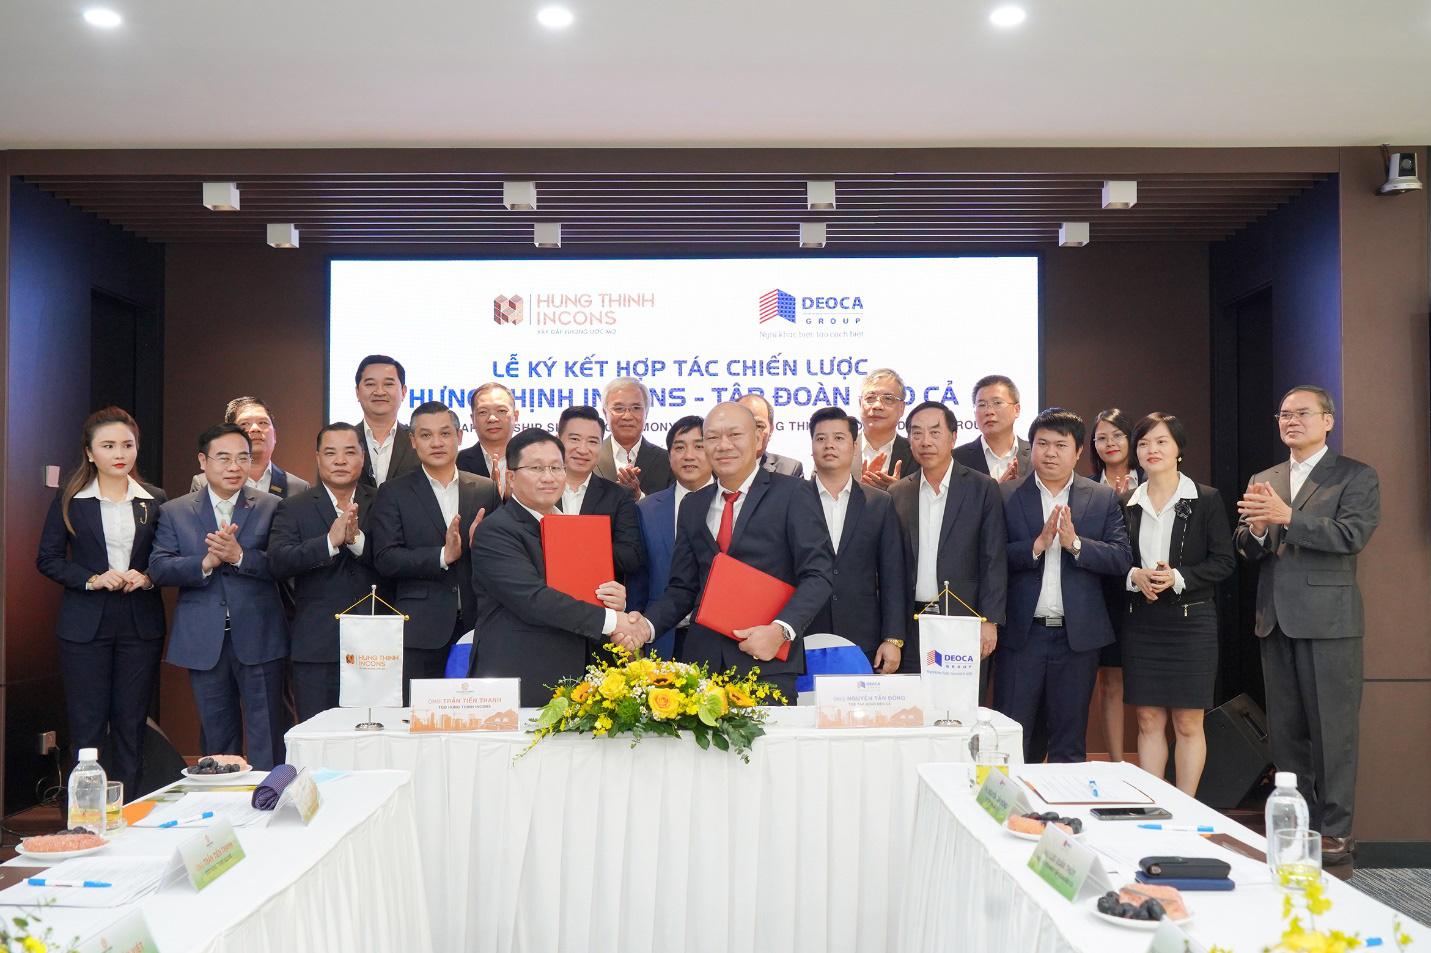 Tập đoàn Hưng Thịnh và Hưng Thịnh Incons ký kết hợp tác chiến lược cùng Tập đoàn Đèo Cả - Ảnh 2.